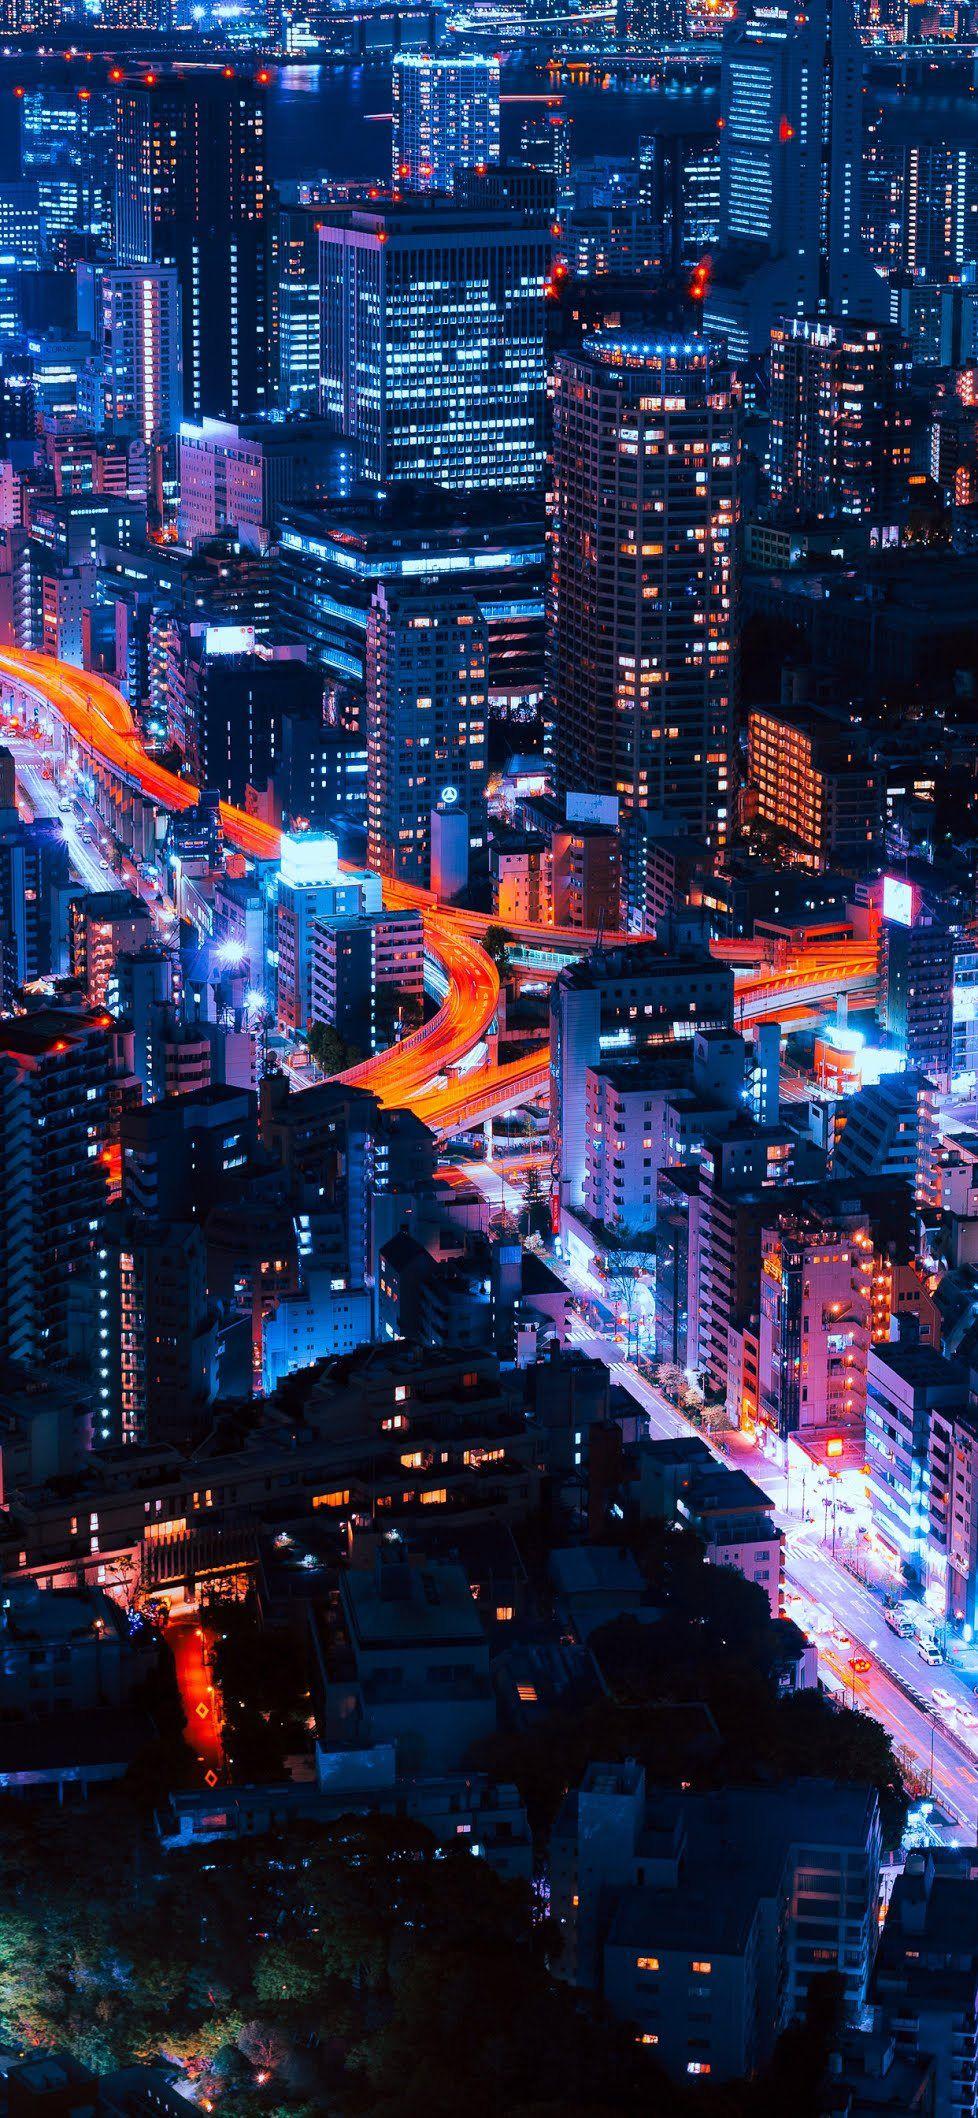 City Lights Stunning Wallpapers Hd Wallpaper Iphone City Wallpaper